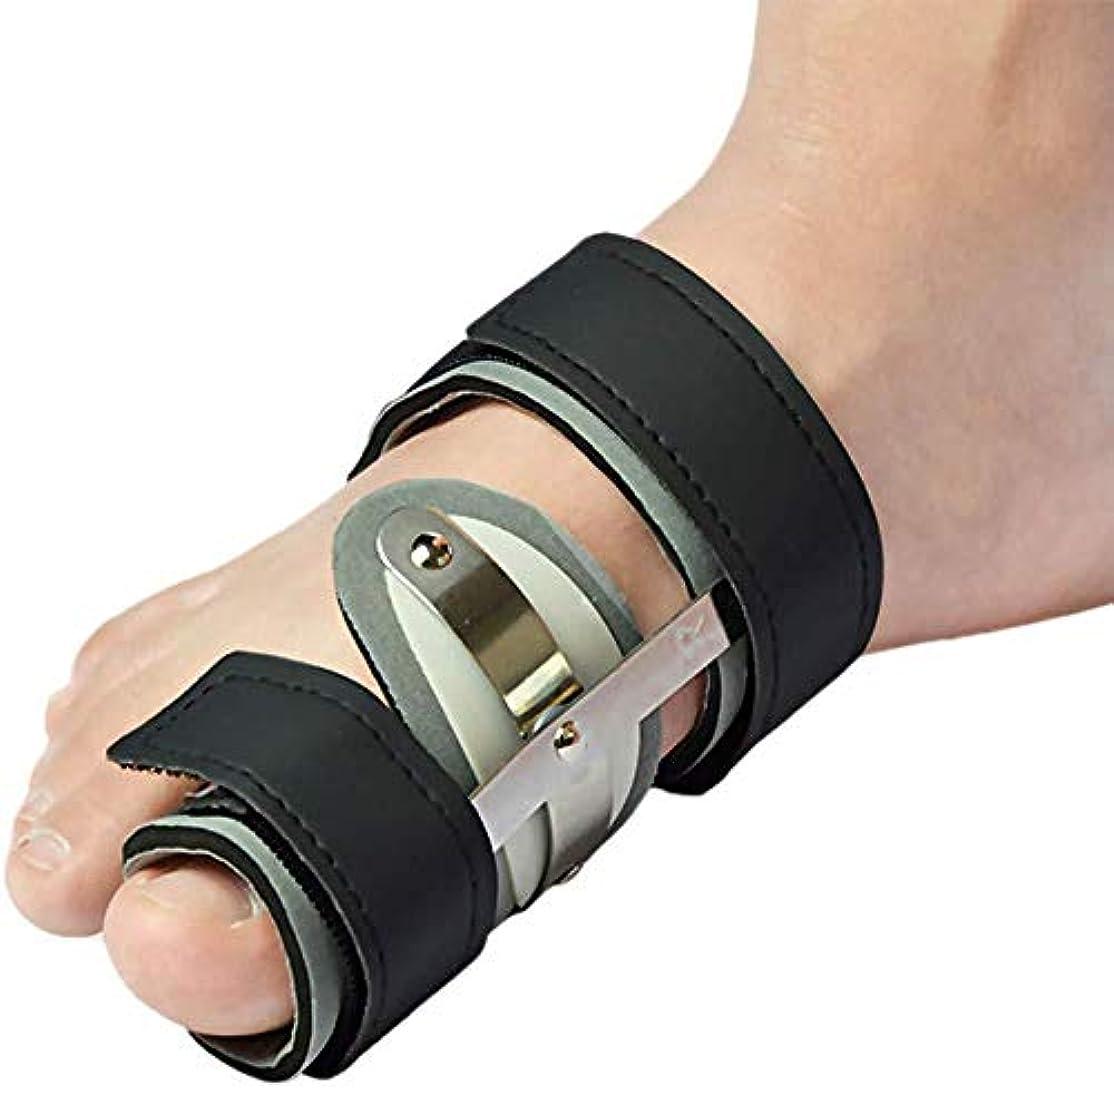 願望資格防ぐつま先サポート、大きなつま先矯正、快適で ゲルつま先セパレーター、高弾性、腱膜瘤の痛みを軽減,RightFoot